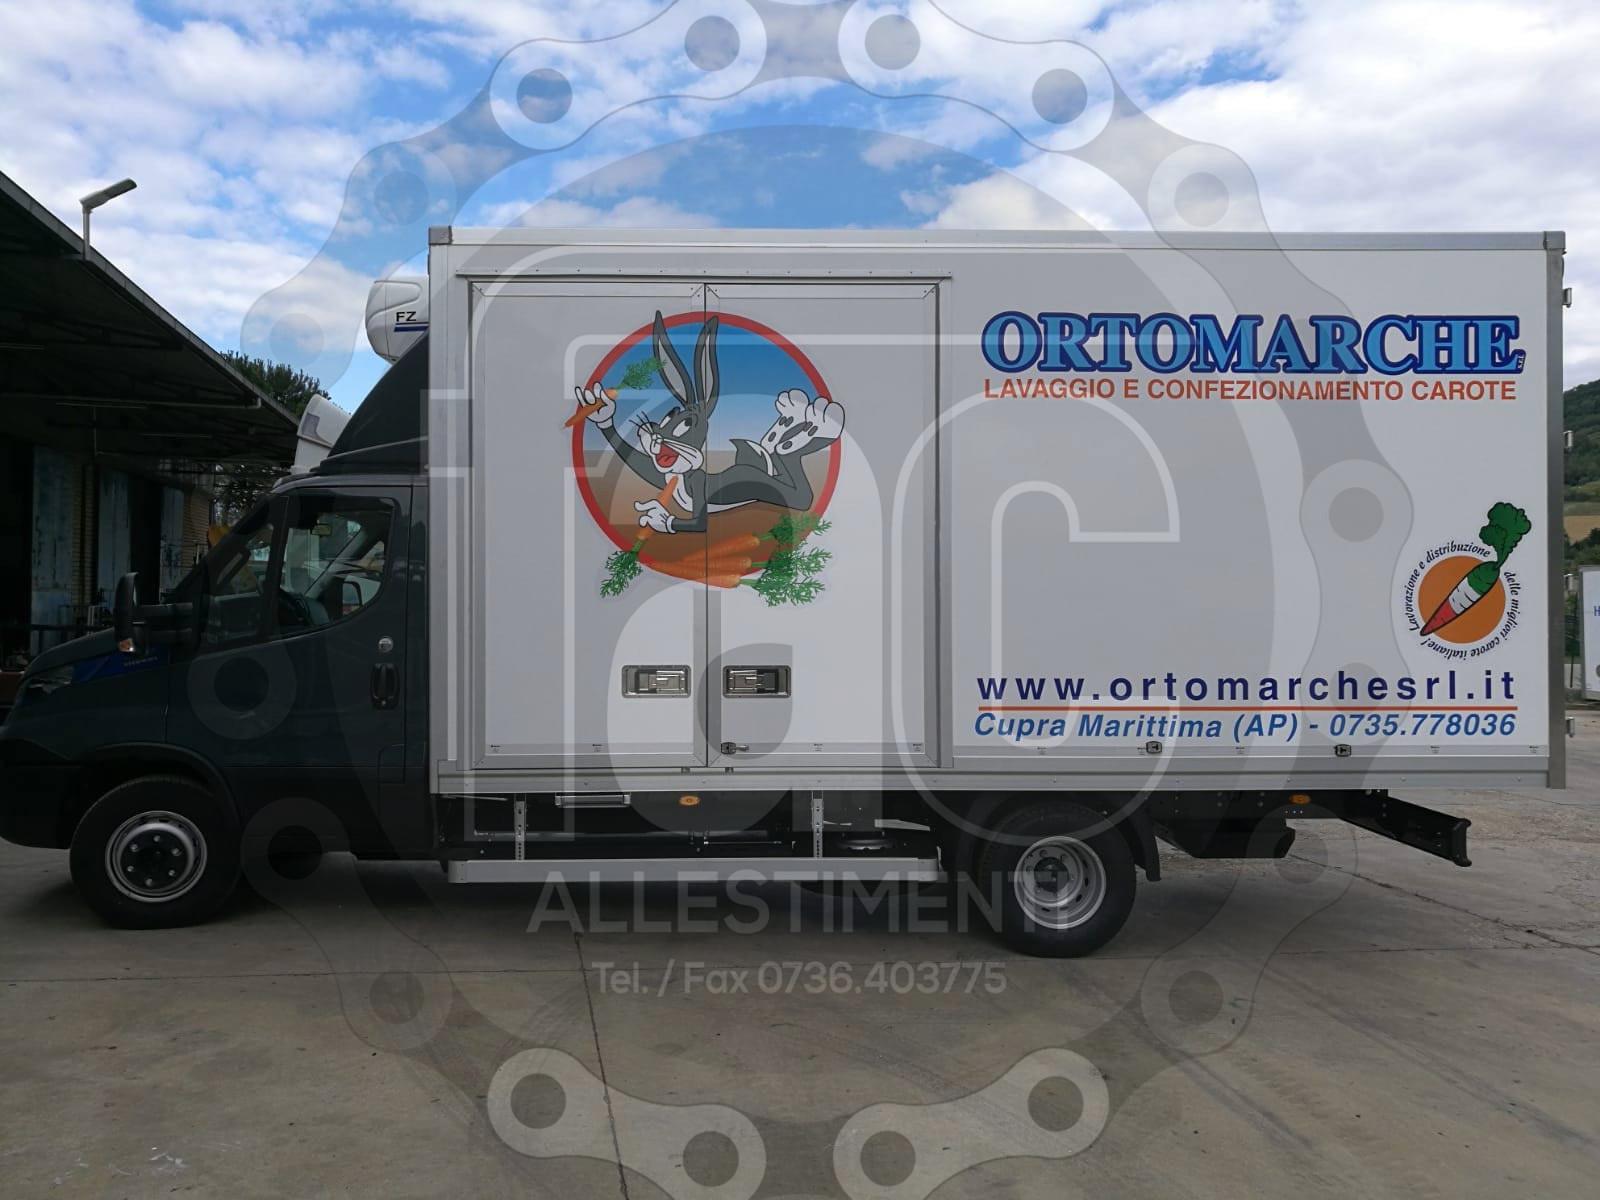 Realizzazione di allestimento di veicolo speciale di FAC Allestimenti